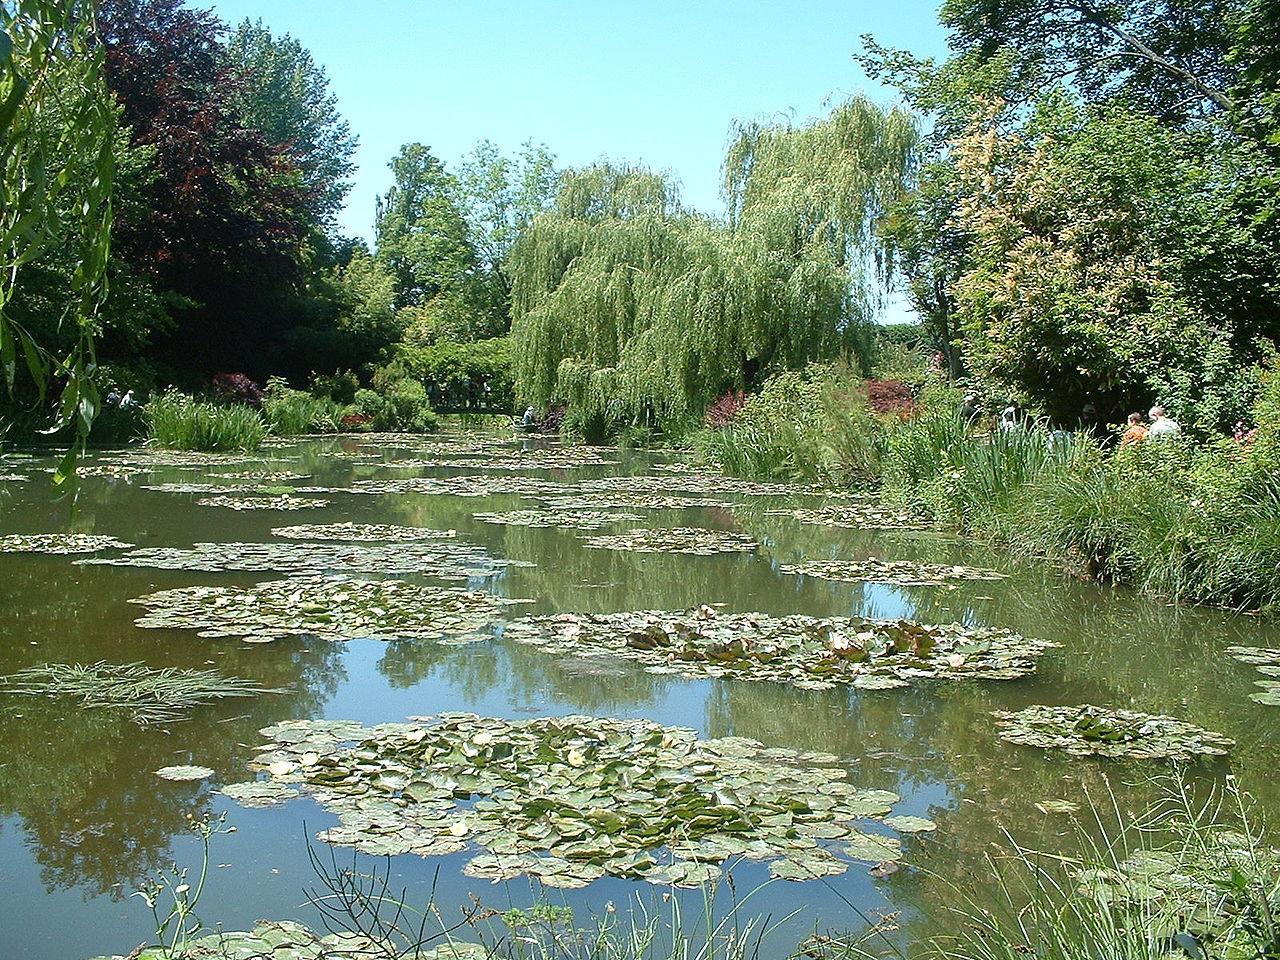 睡莲20140623克劳德·莫奈法国画家Claude Monet(French,1840-1926) - 文铮 - 柳州文铮